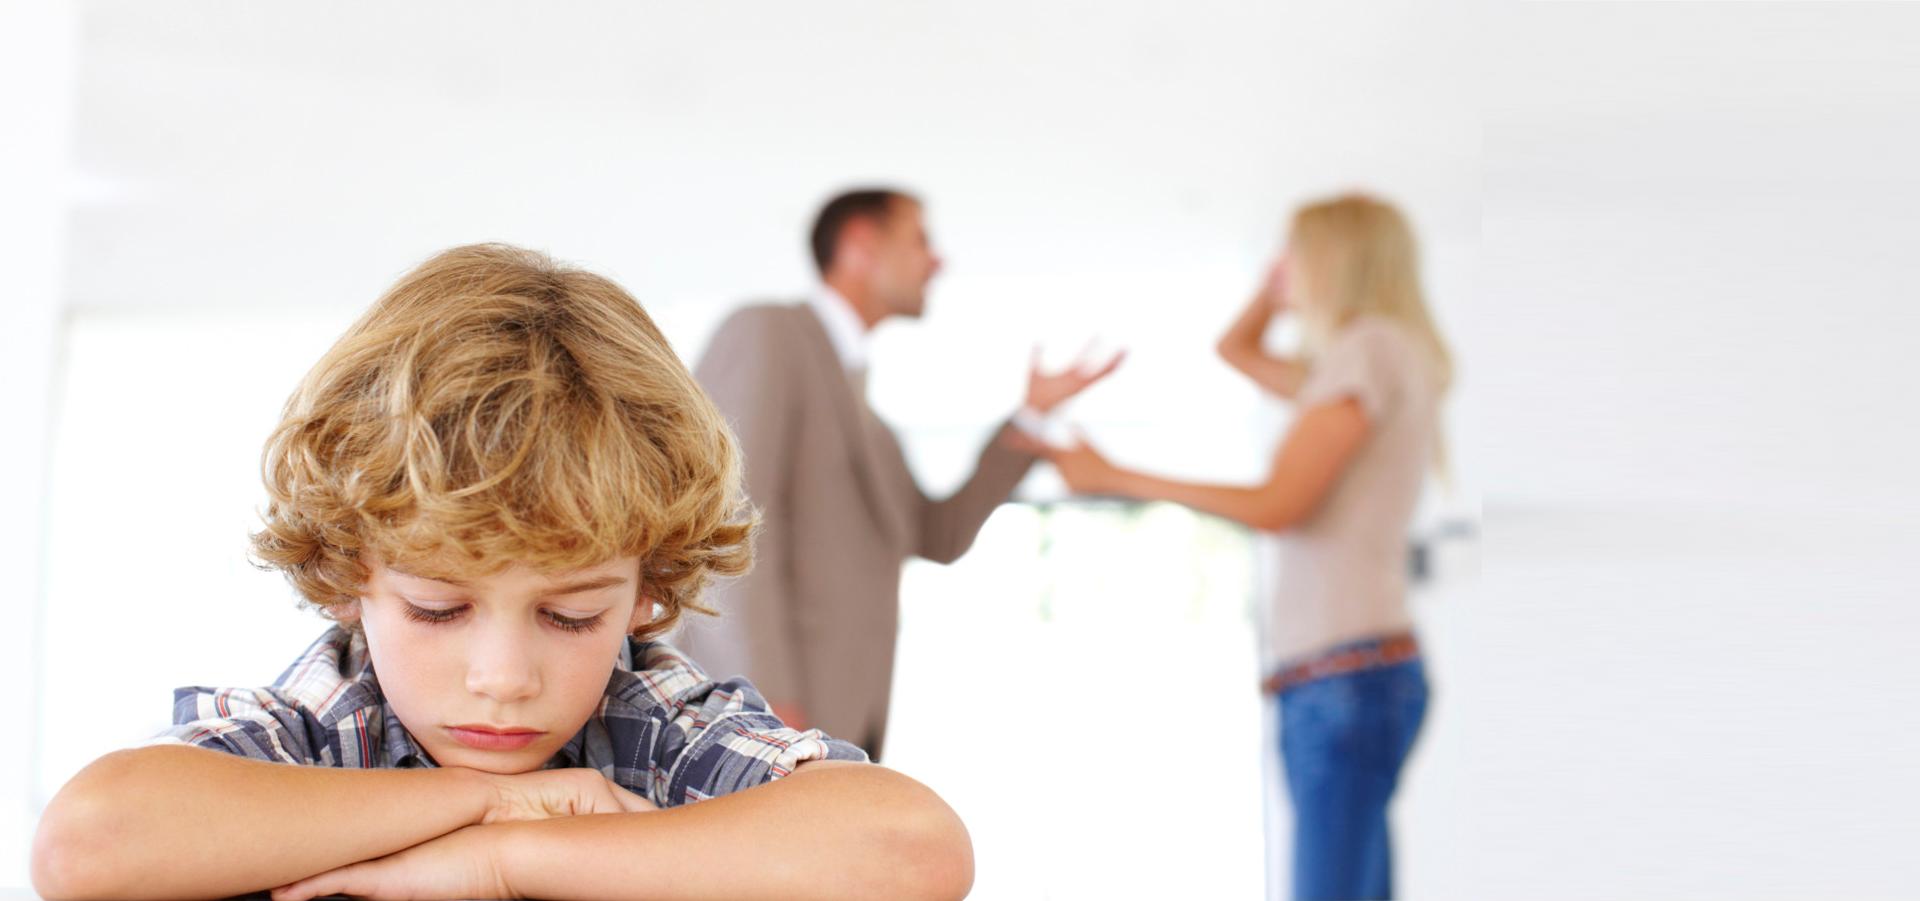 С чего начинать развод с женой если есть ребенок